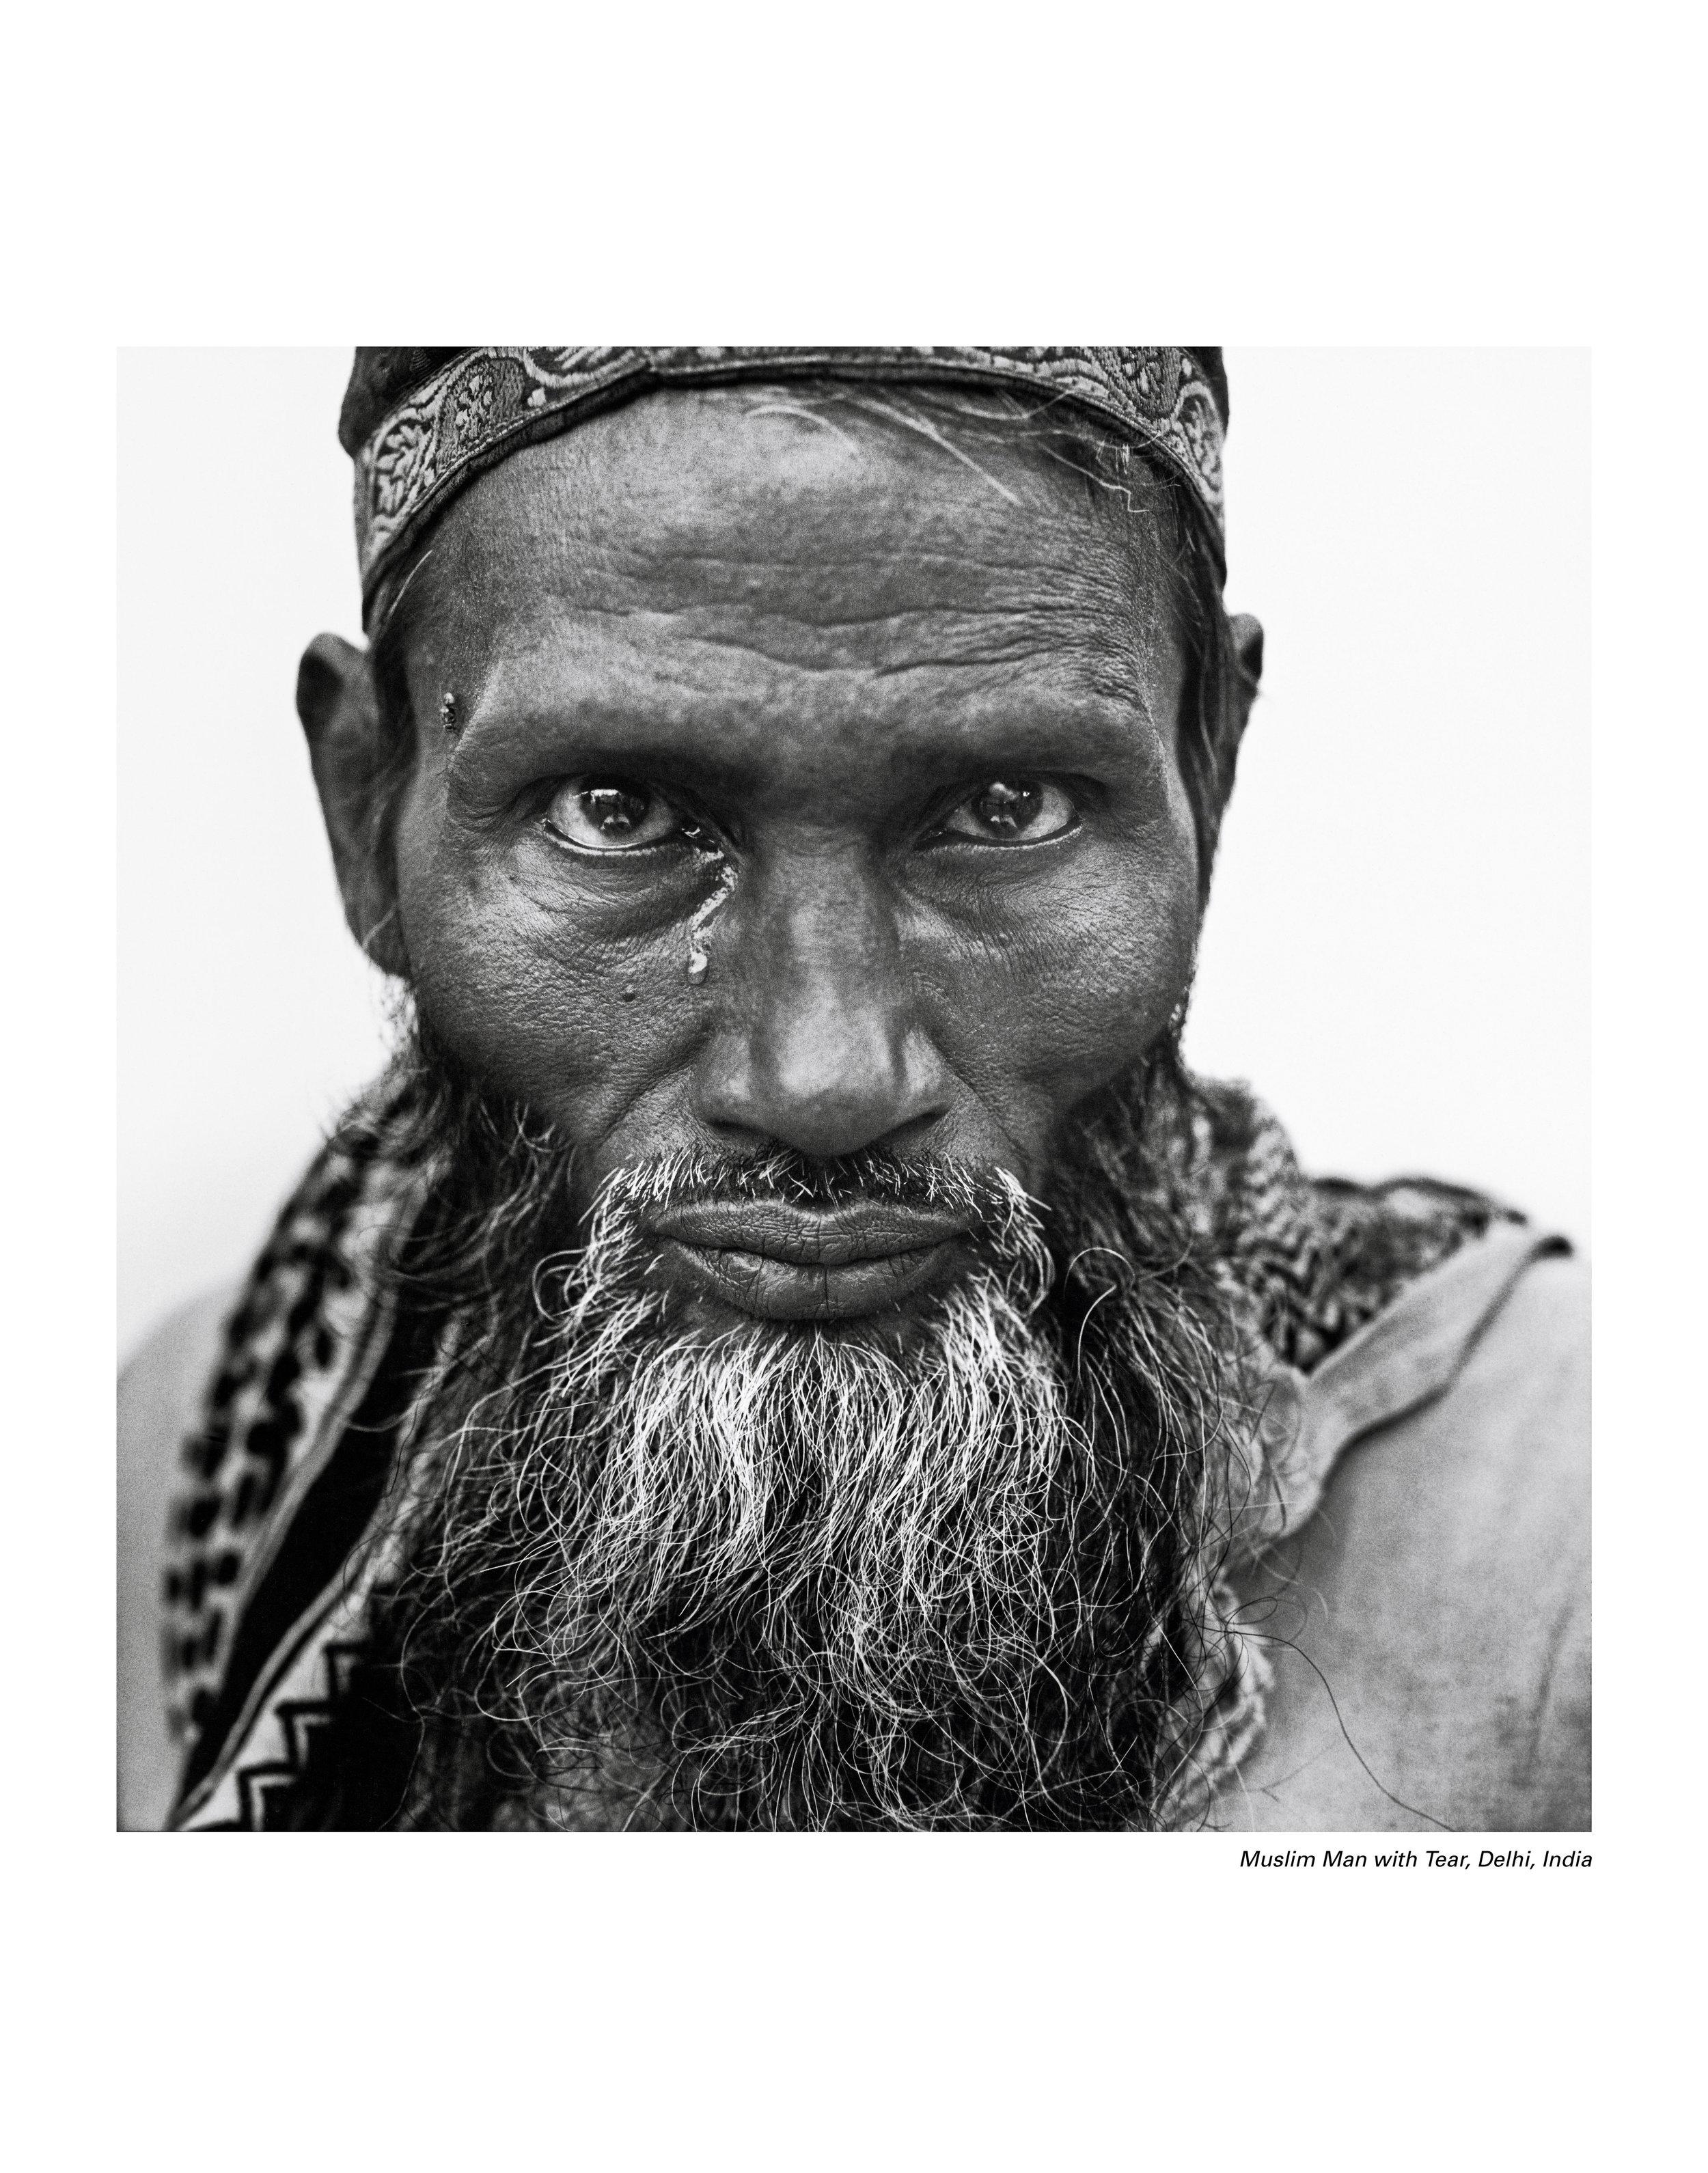 nf_Muslim_Man_With_Tear_Delhi_India.jpg